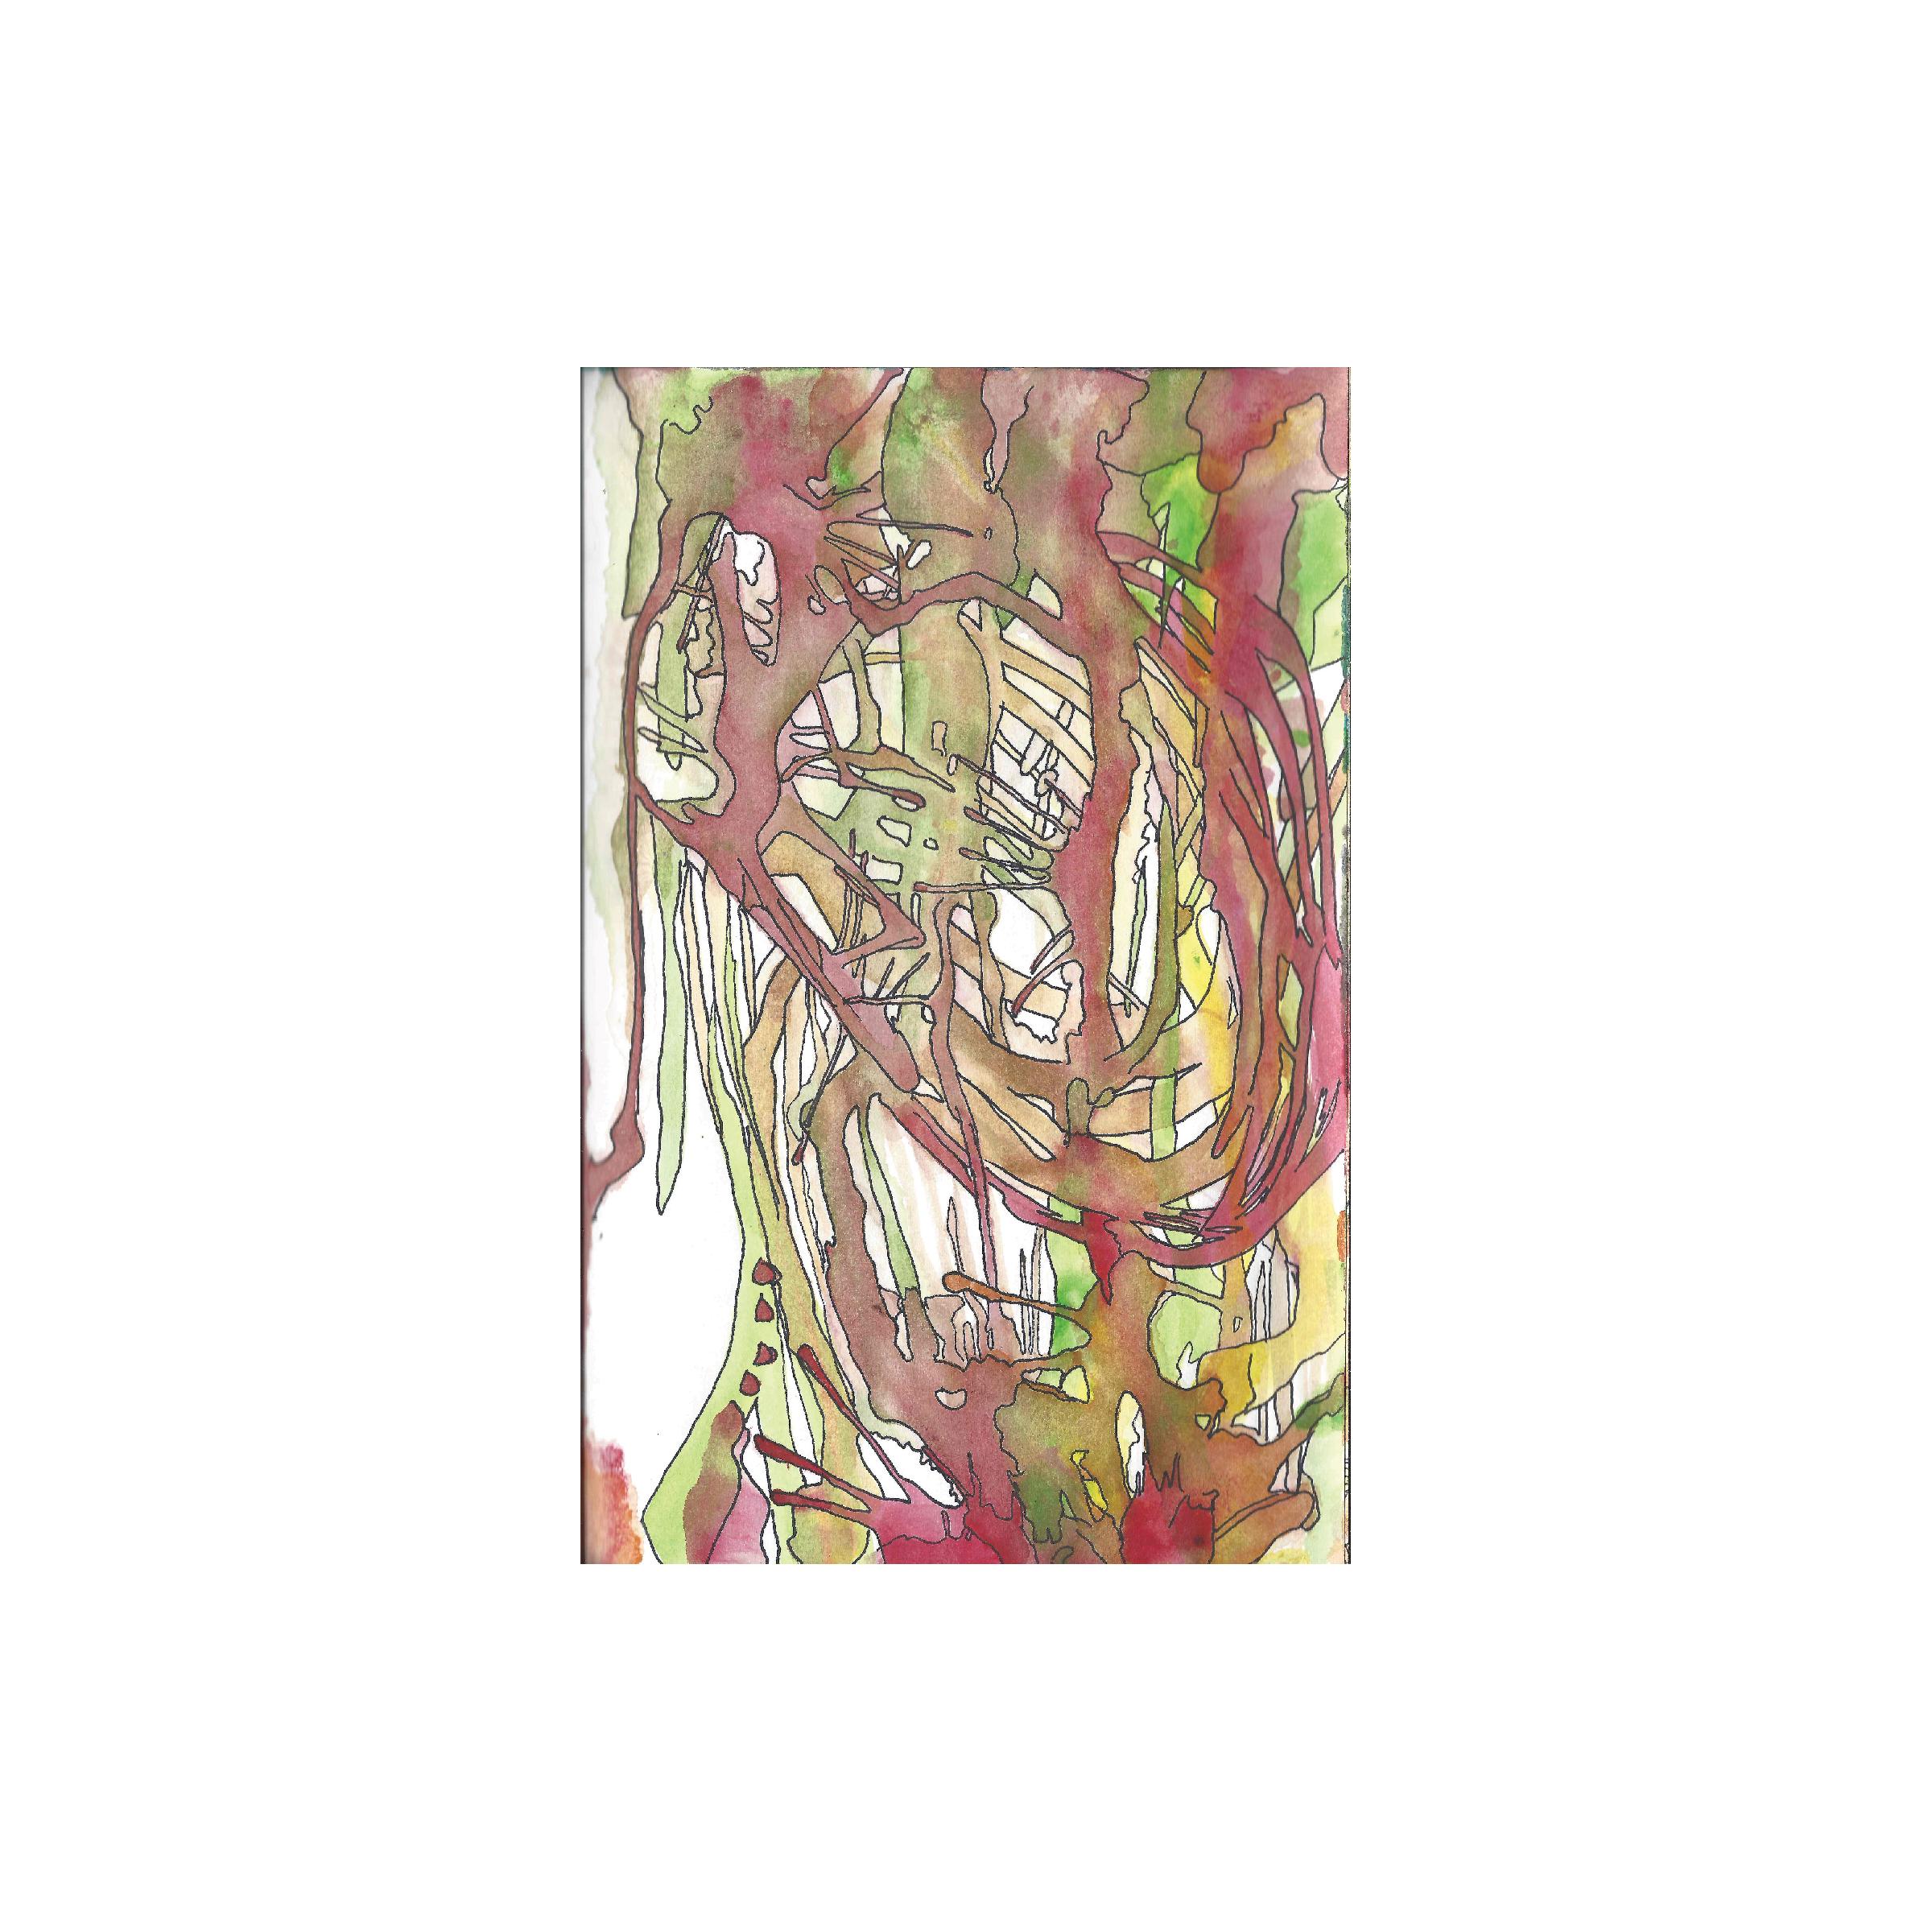 Rachel_Watercolor-Pattern-01_OG-01.jpg